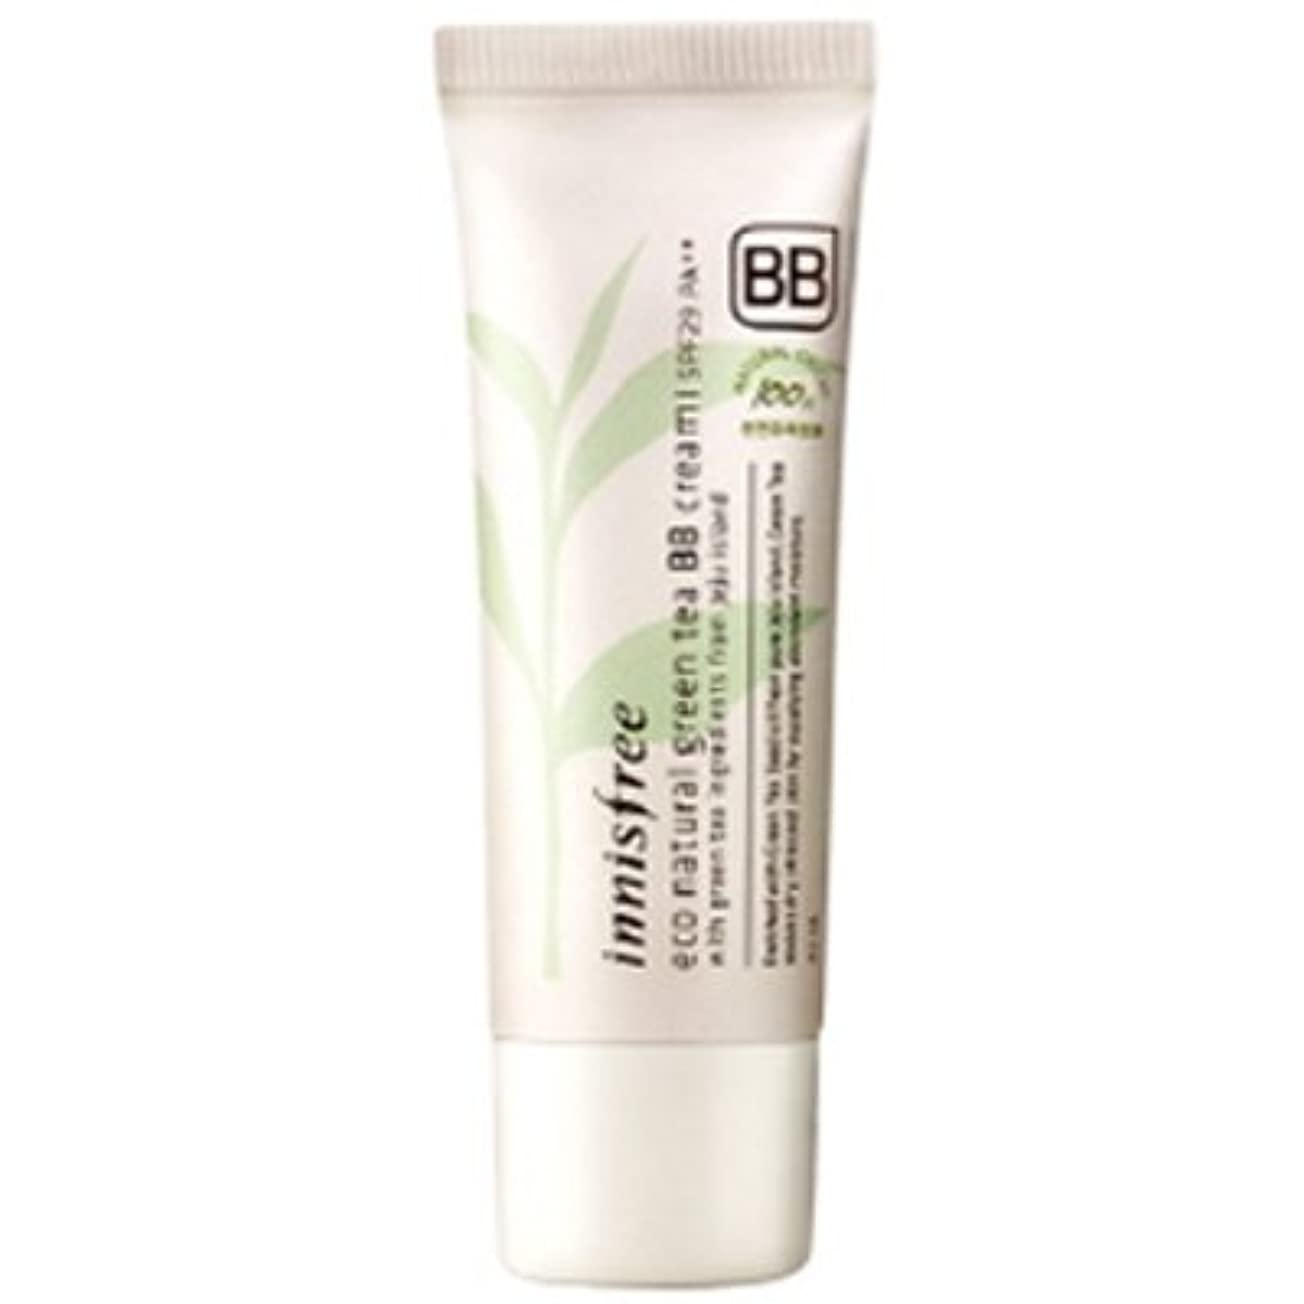 差マーティンルーサーキングジュニア再びinnisfree(イニスフリー) Eco natural green tea BB cream エコ ナチュラル グリーン ティー BB クリーム SPF29/PA++ 40ml #1:ライトベージュ